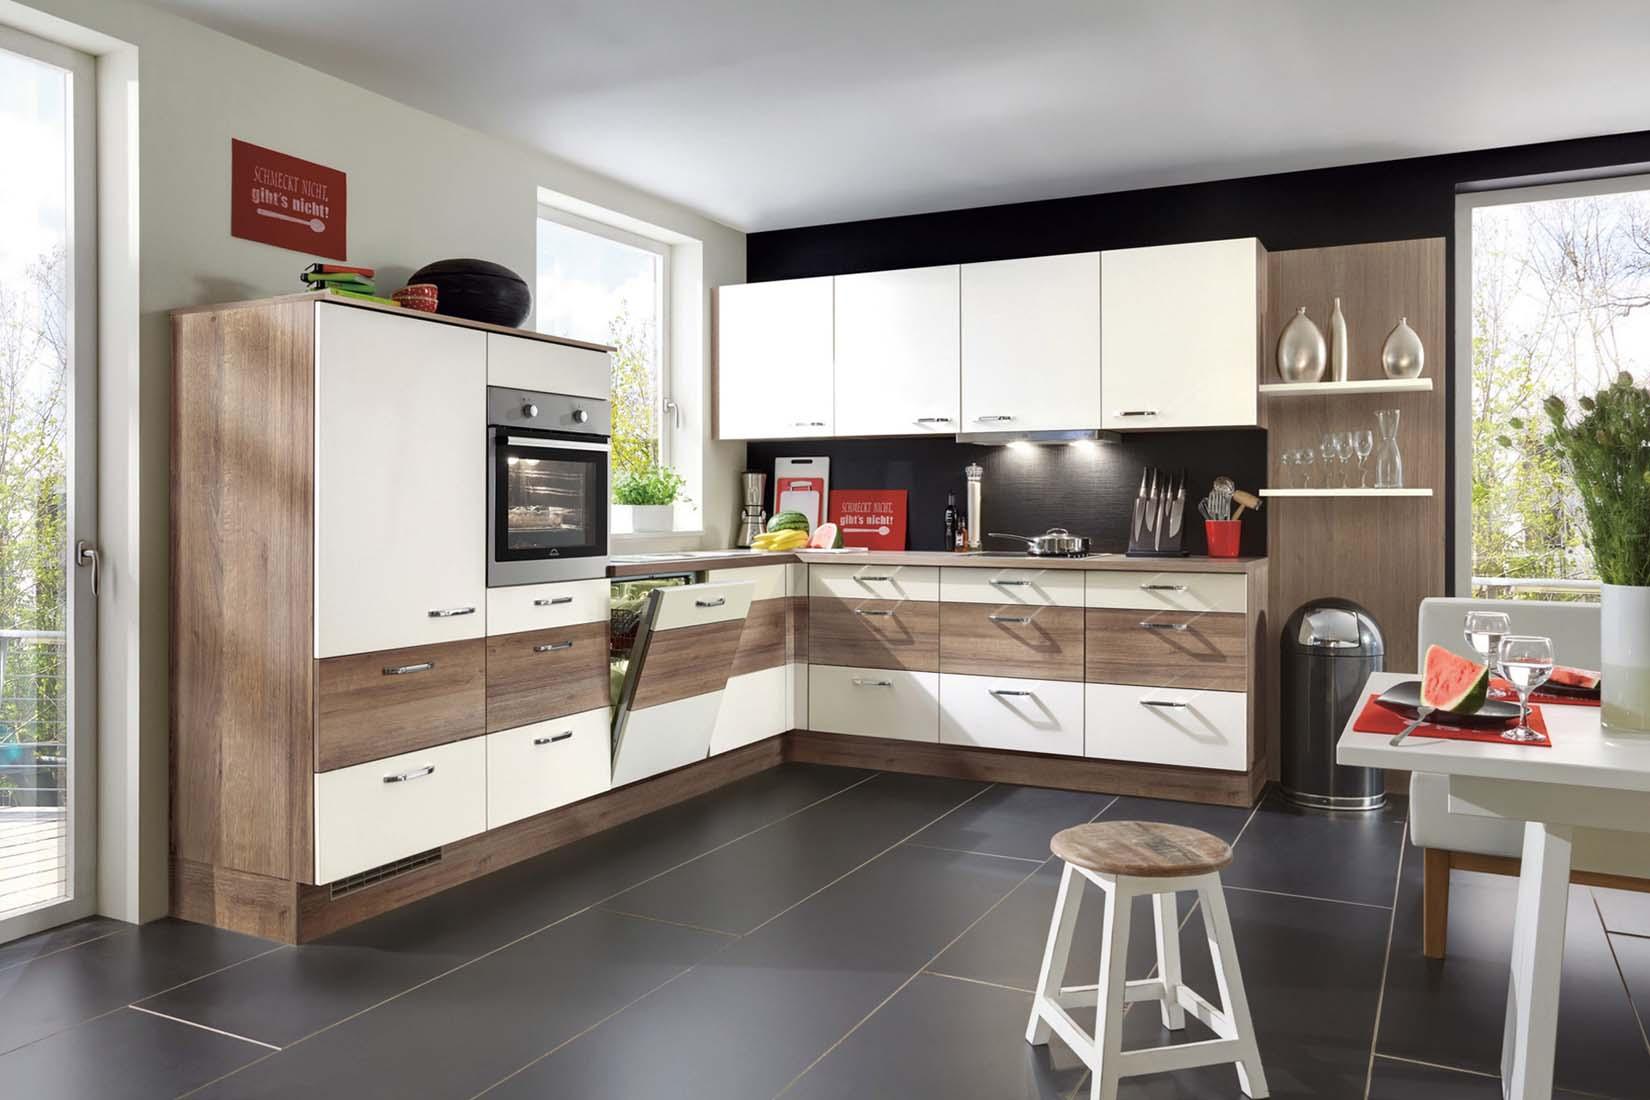 k chenstudio weiterstadt k chenstudio darmstadt k chenstudio frankfurt am main k chenstudio. Black Bedroom Furniture Sets. Home Design Ideas